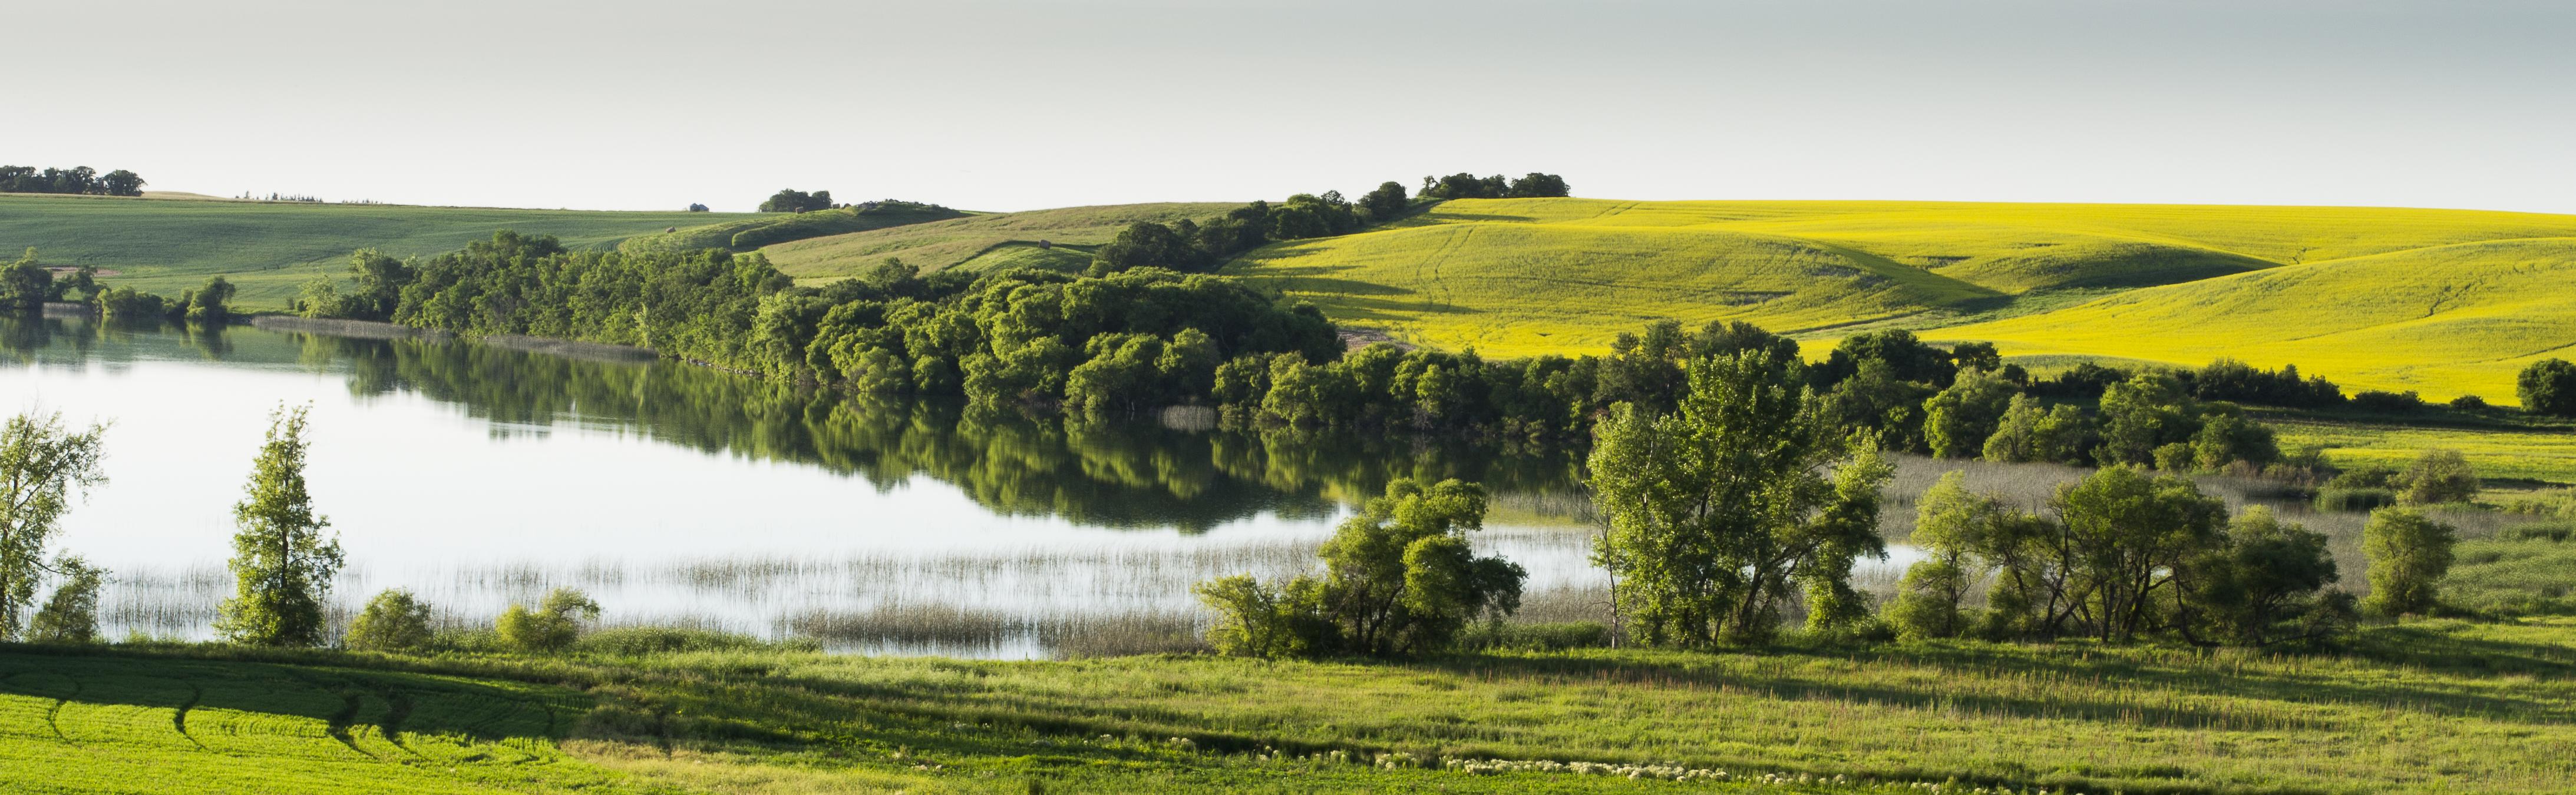 Lakeside Fields, Karenia Niedzwiecki